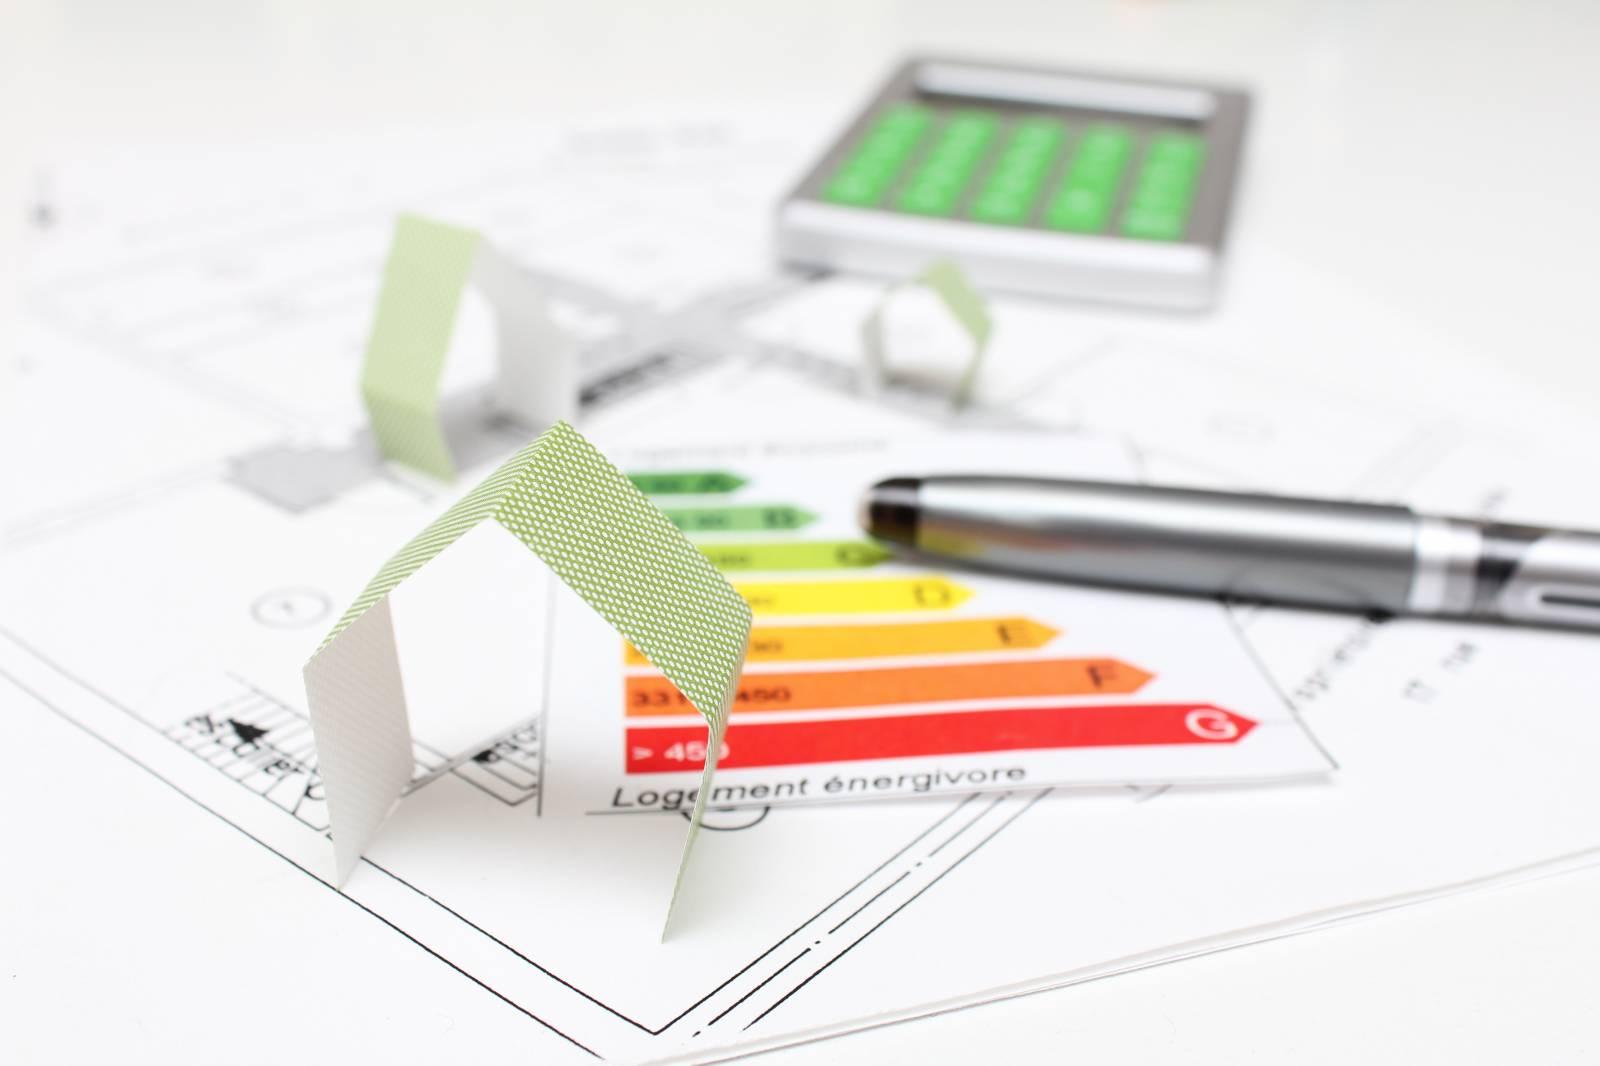 Rénovation énergétique : les constructeurs, les entreprises du bâtiment et les artisans